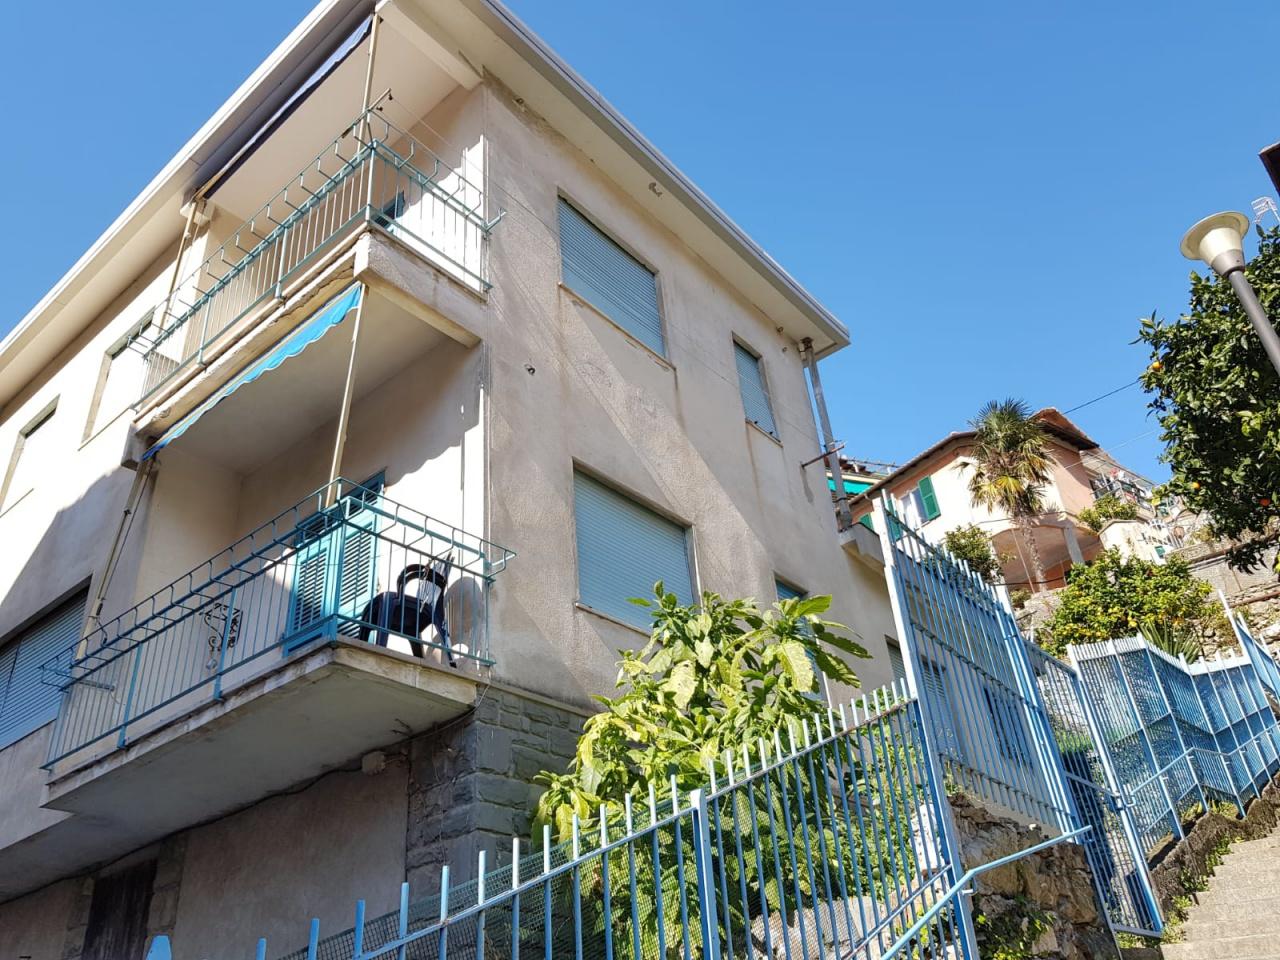 Villa Unifamiliare - Indipendente, VIA ROMA, Vendita - Recco (GE)